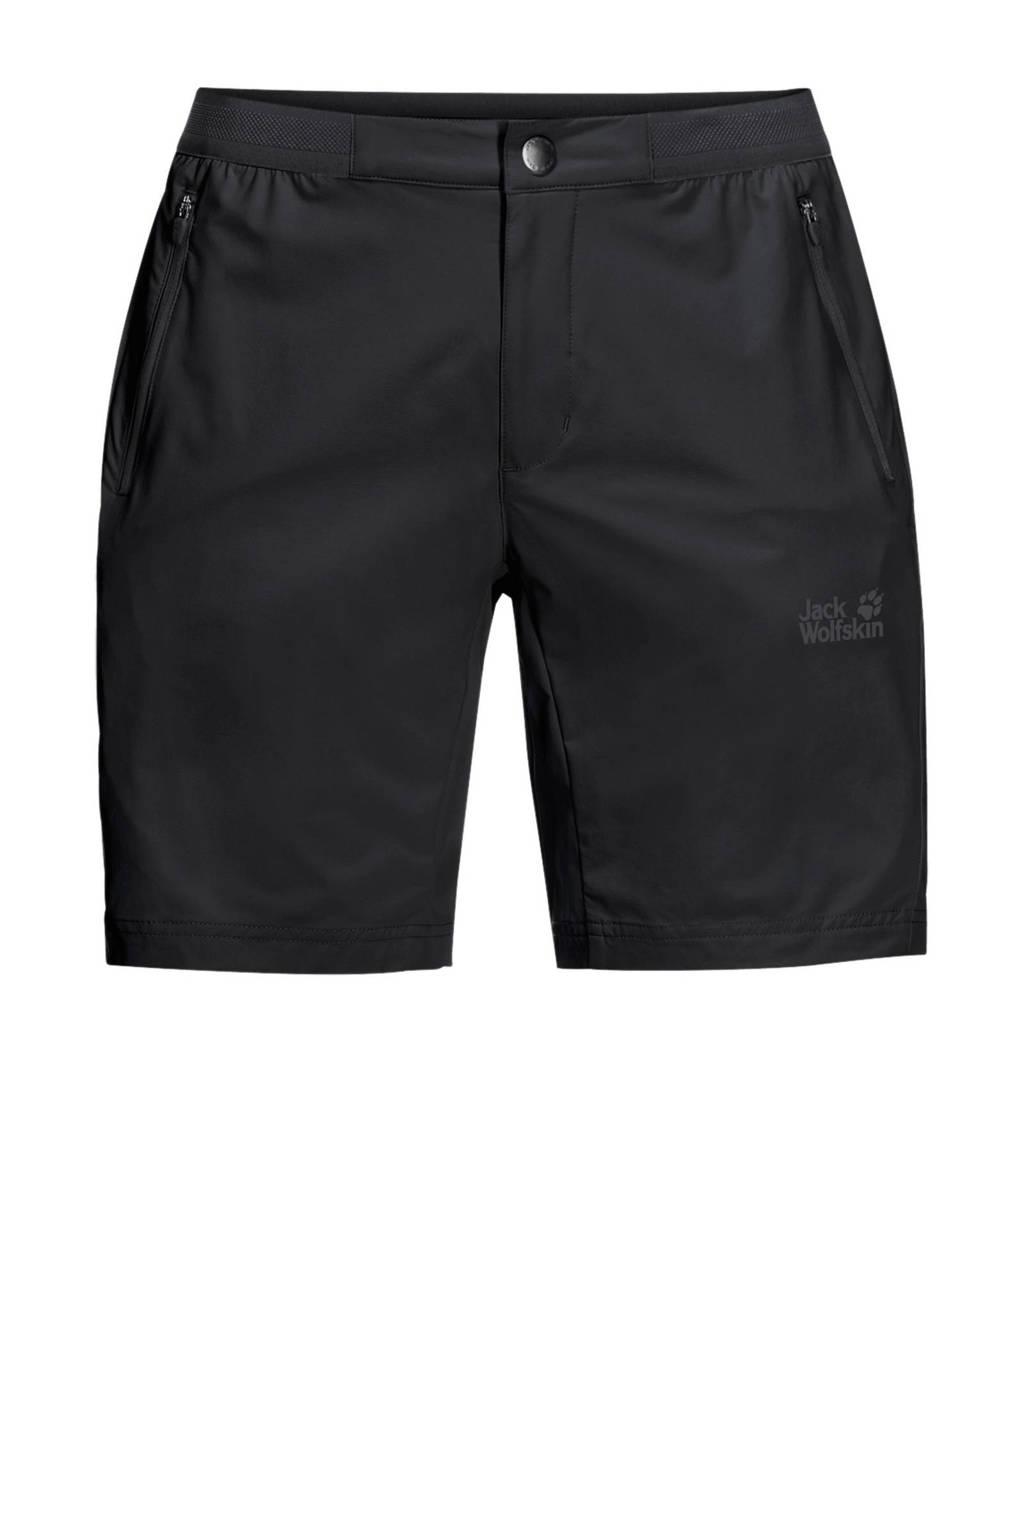 Jack Wolfskin korte outdoor broek zwart, Zwart